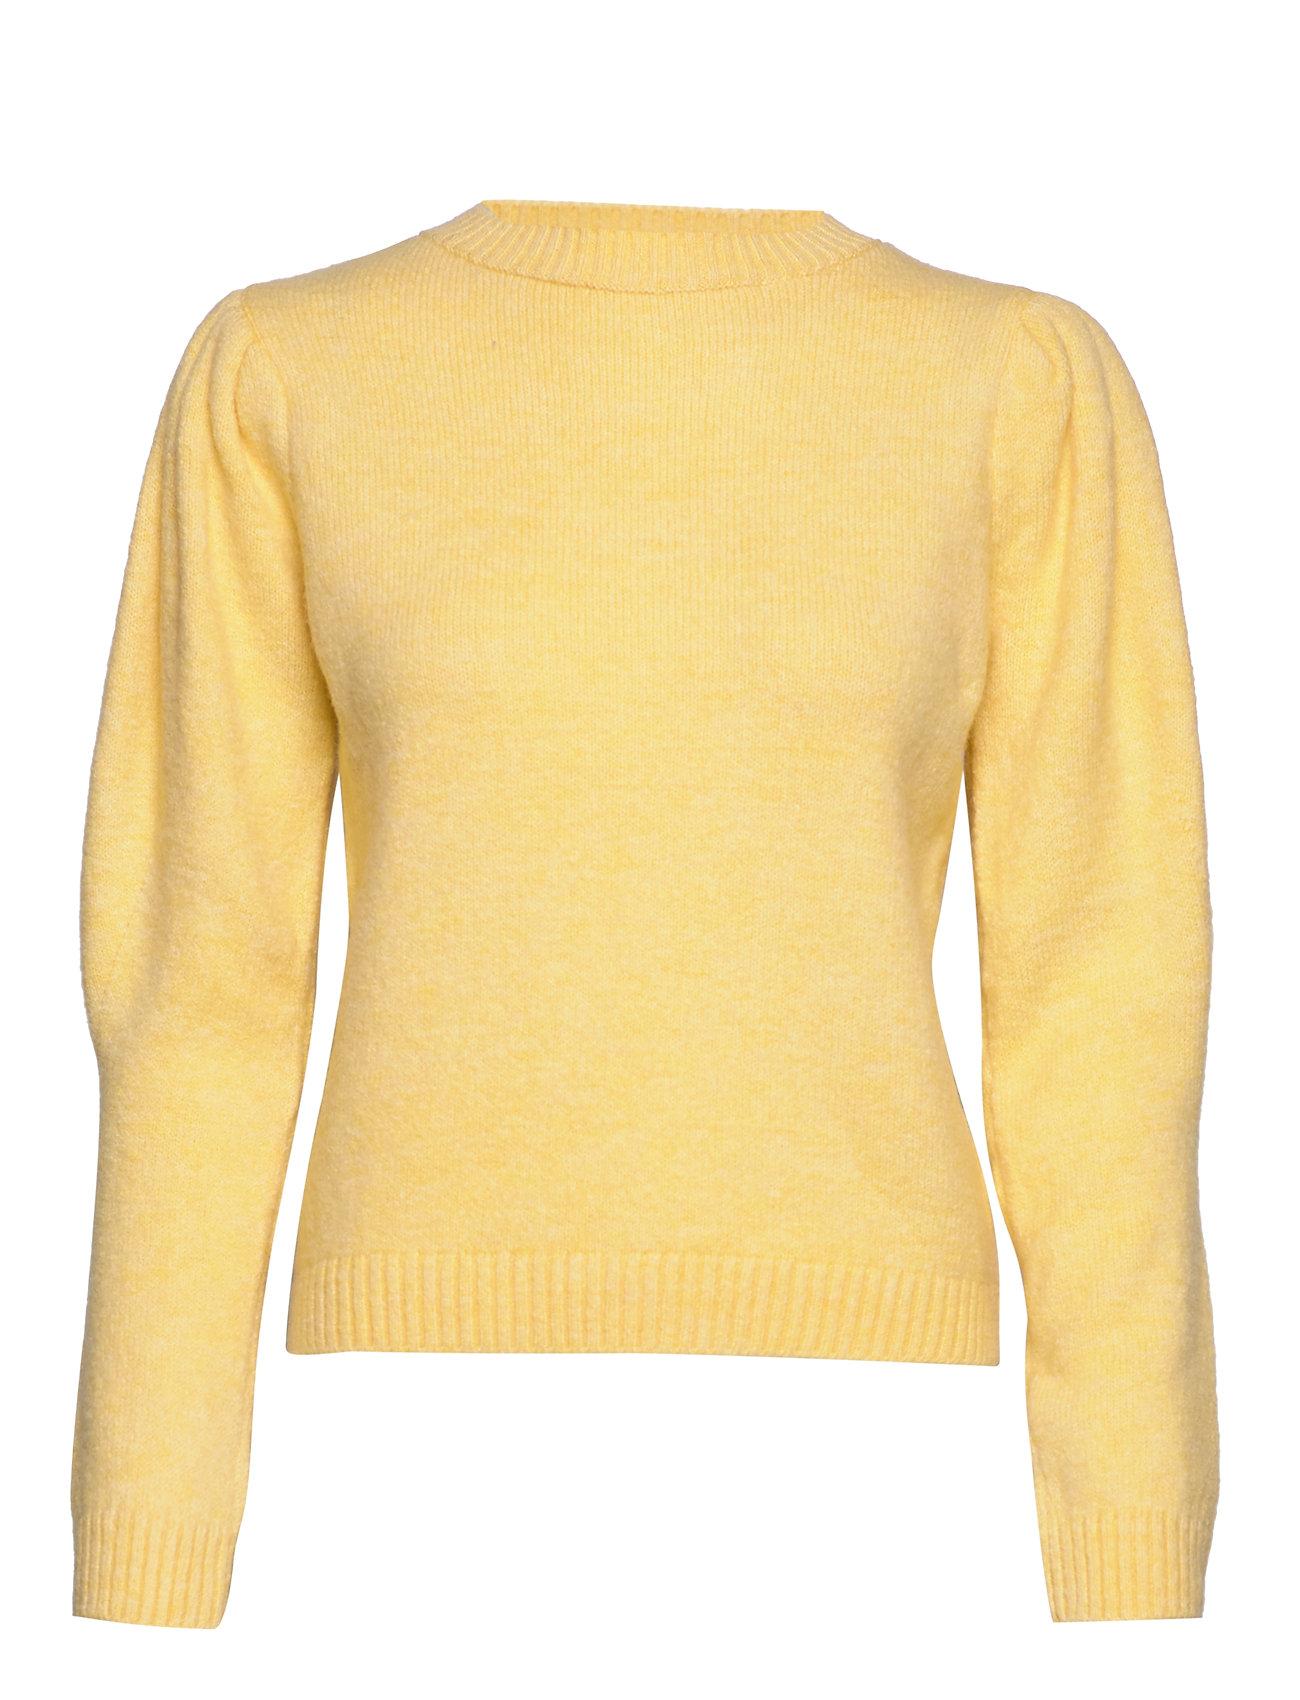 Mango Ribbed knit sweater - YELLOW